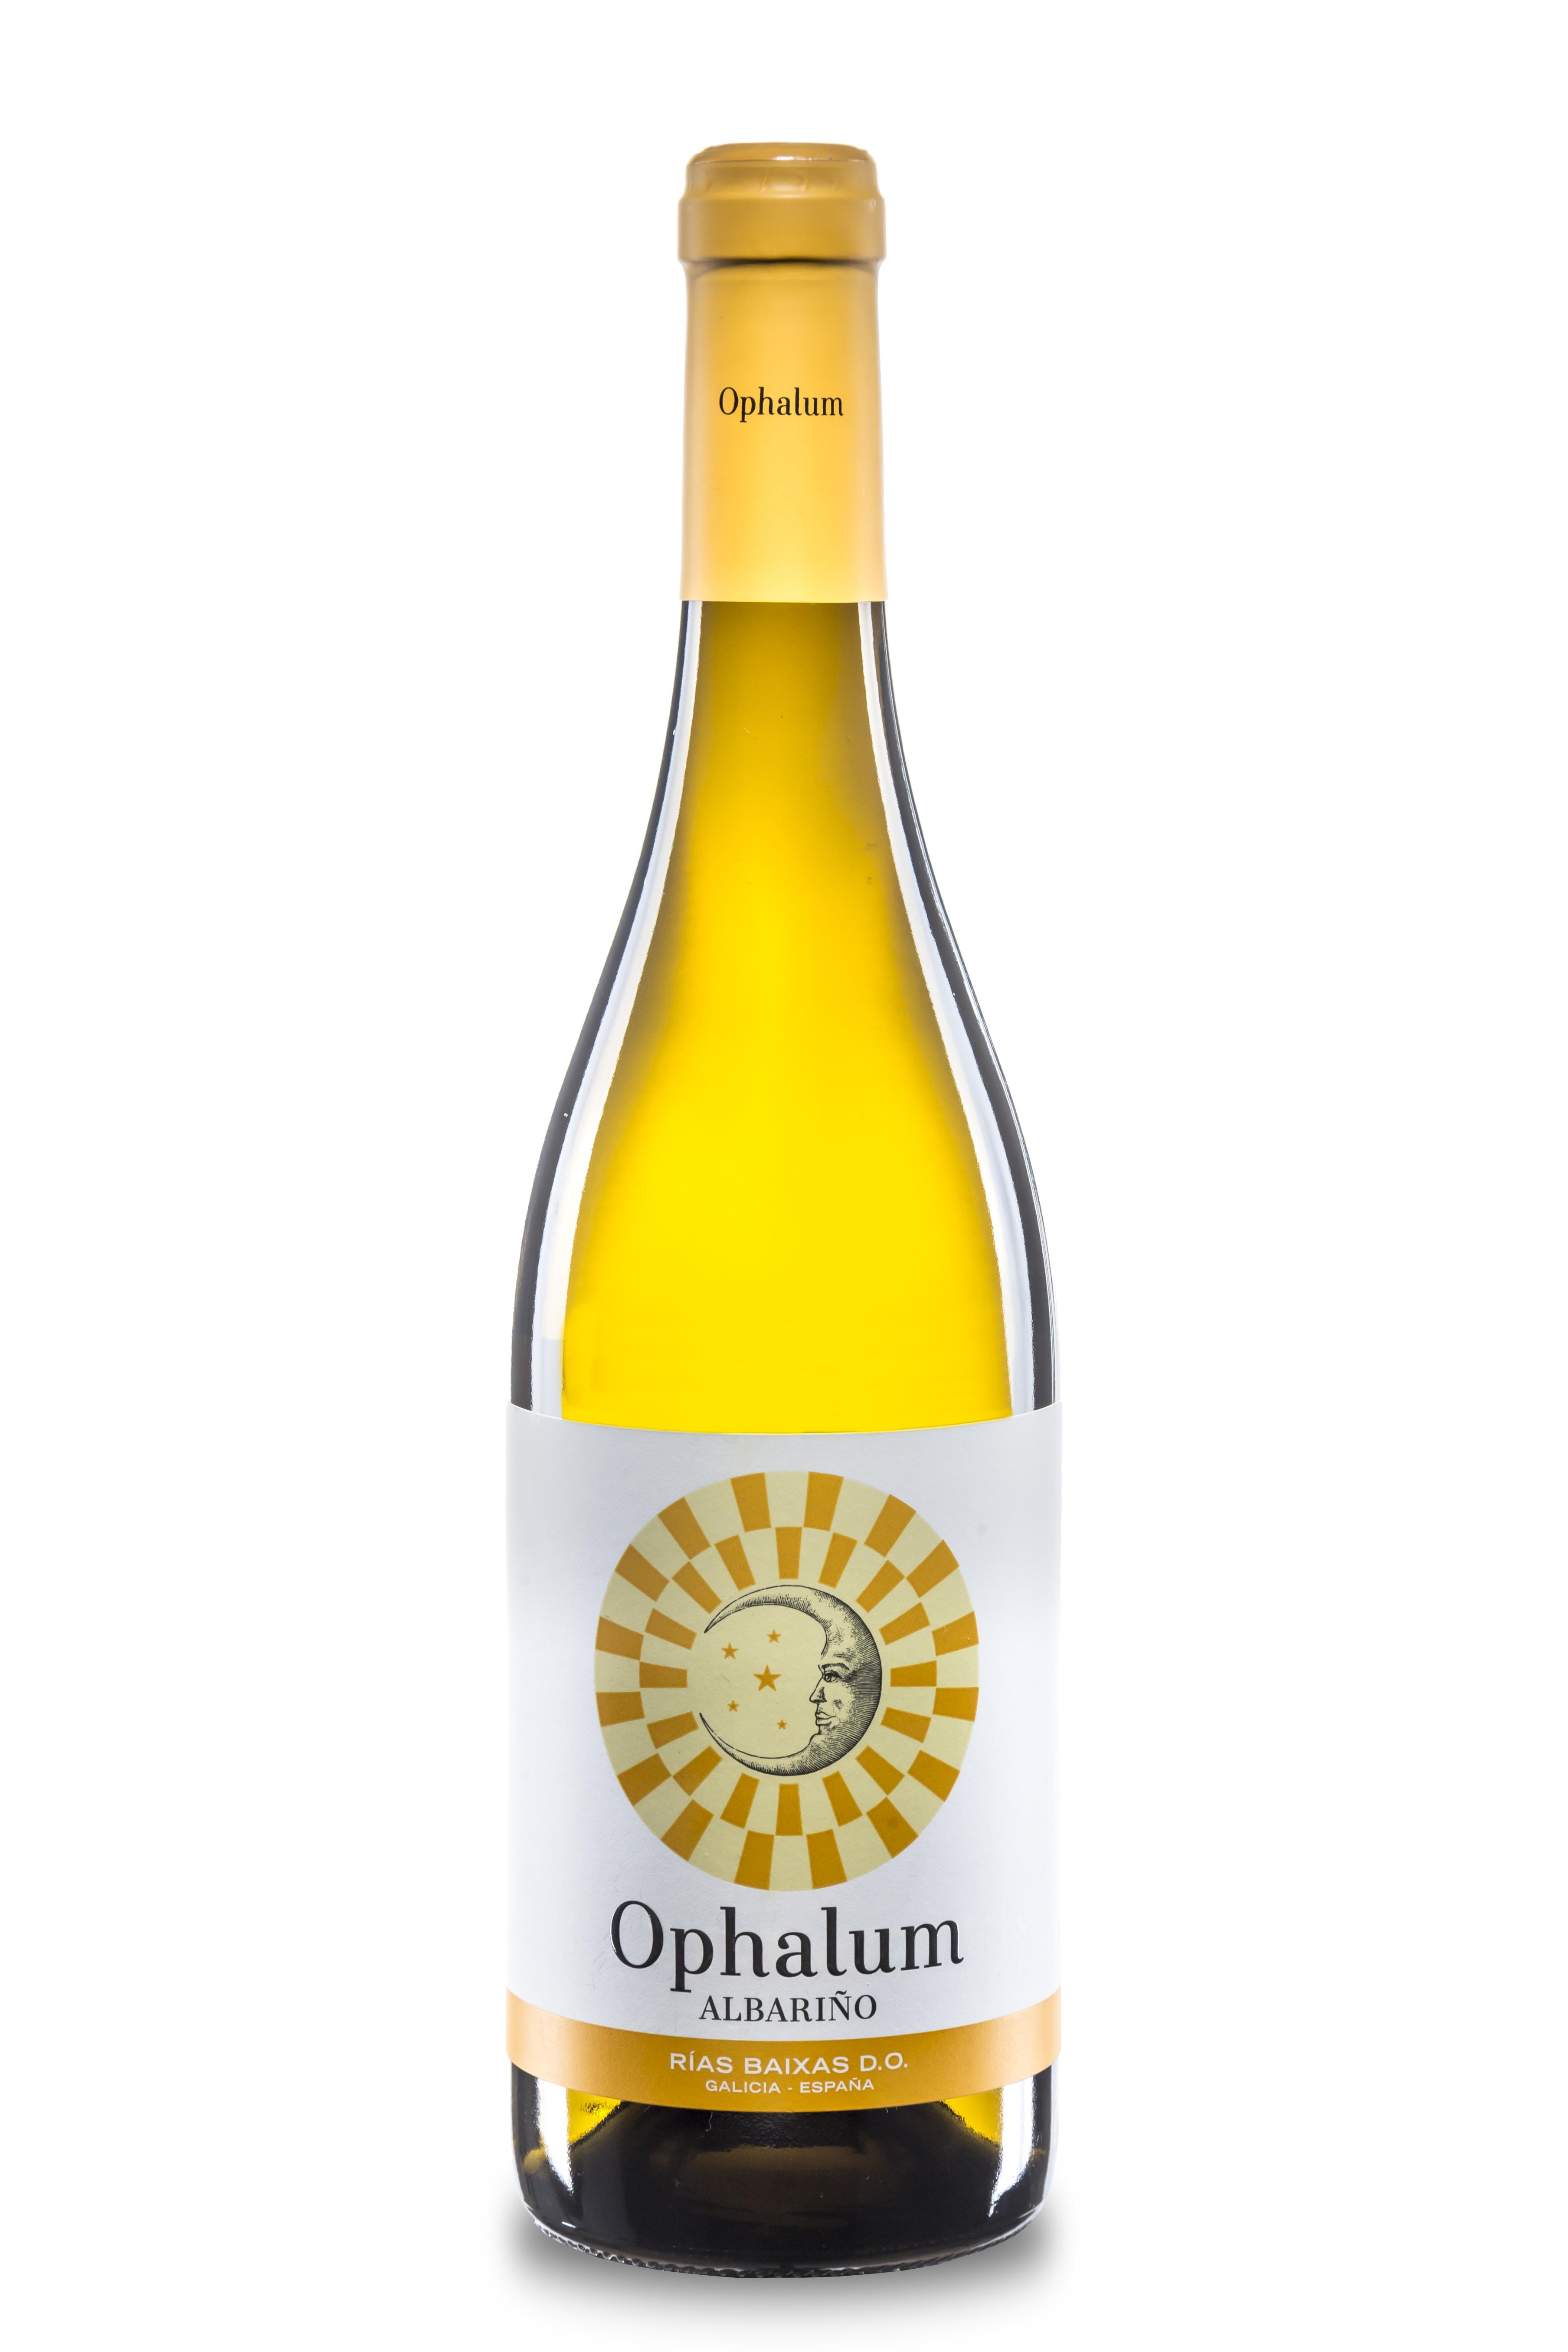 Ophalum